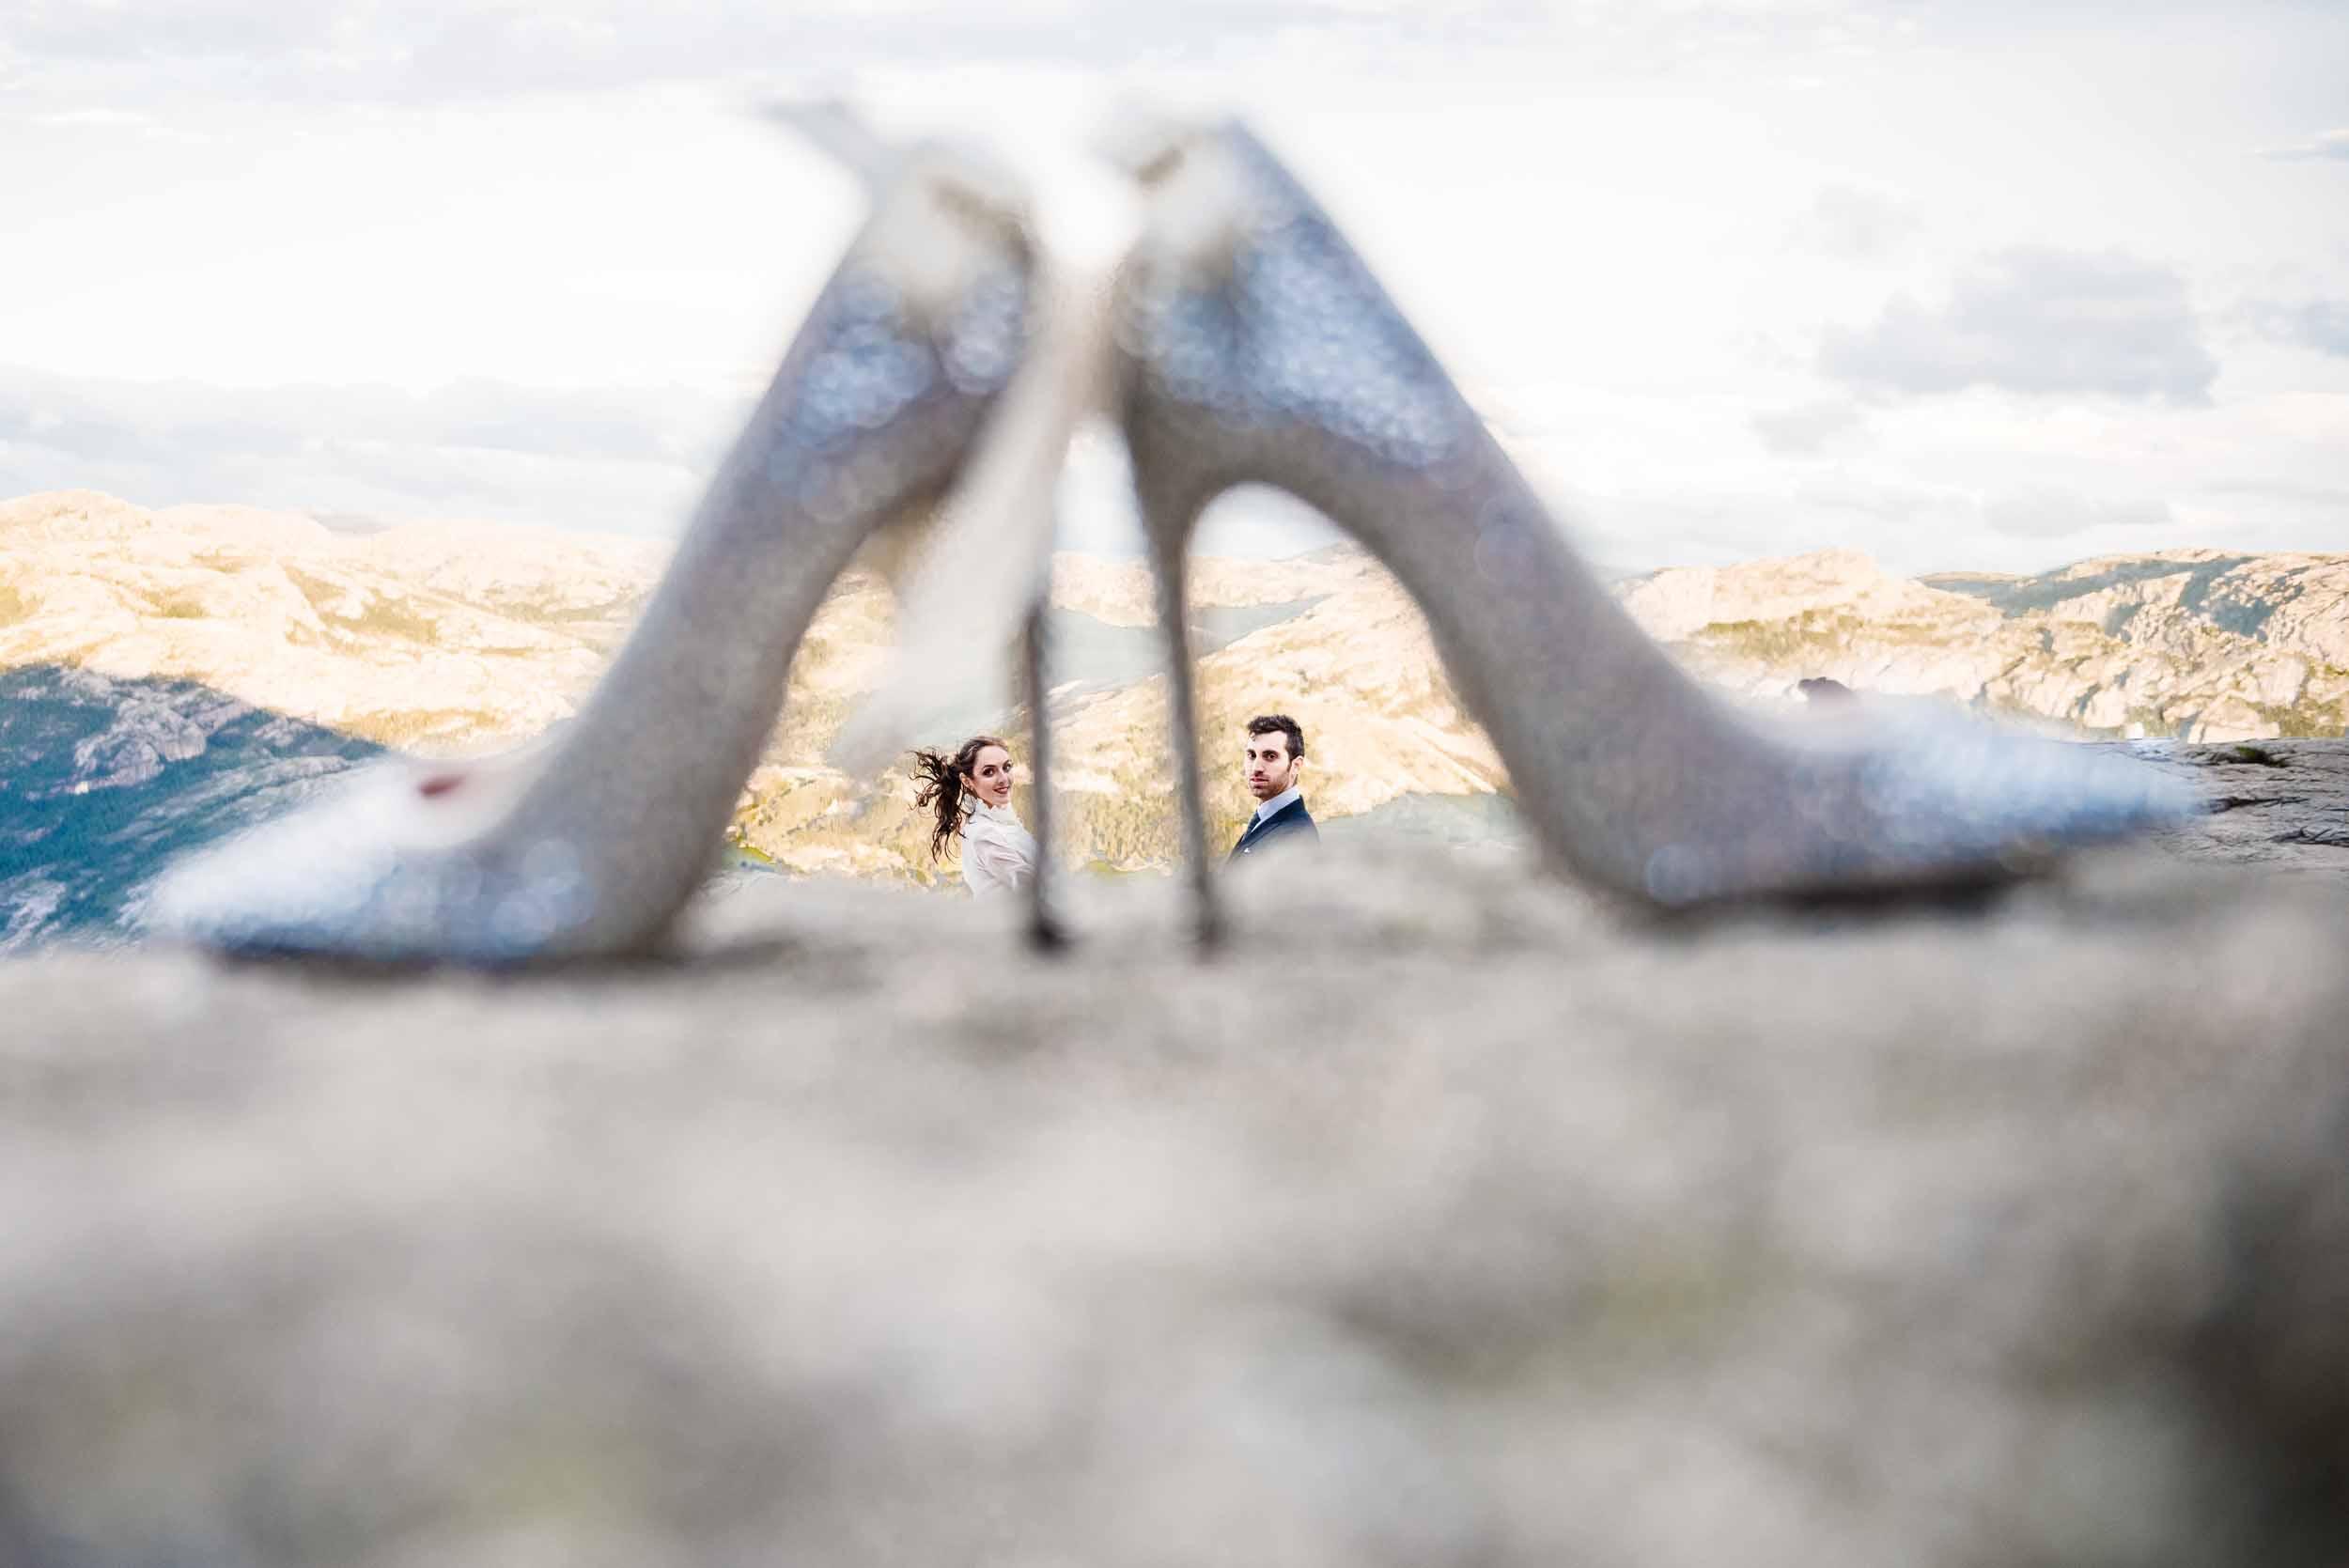 Antonio & Cati Post boda en Noruega. 2017 14